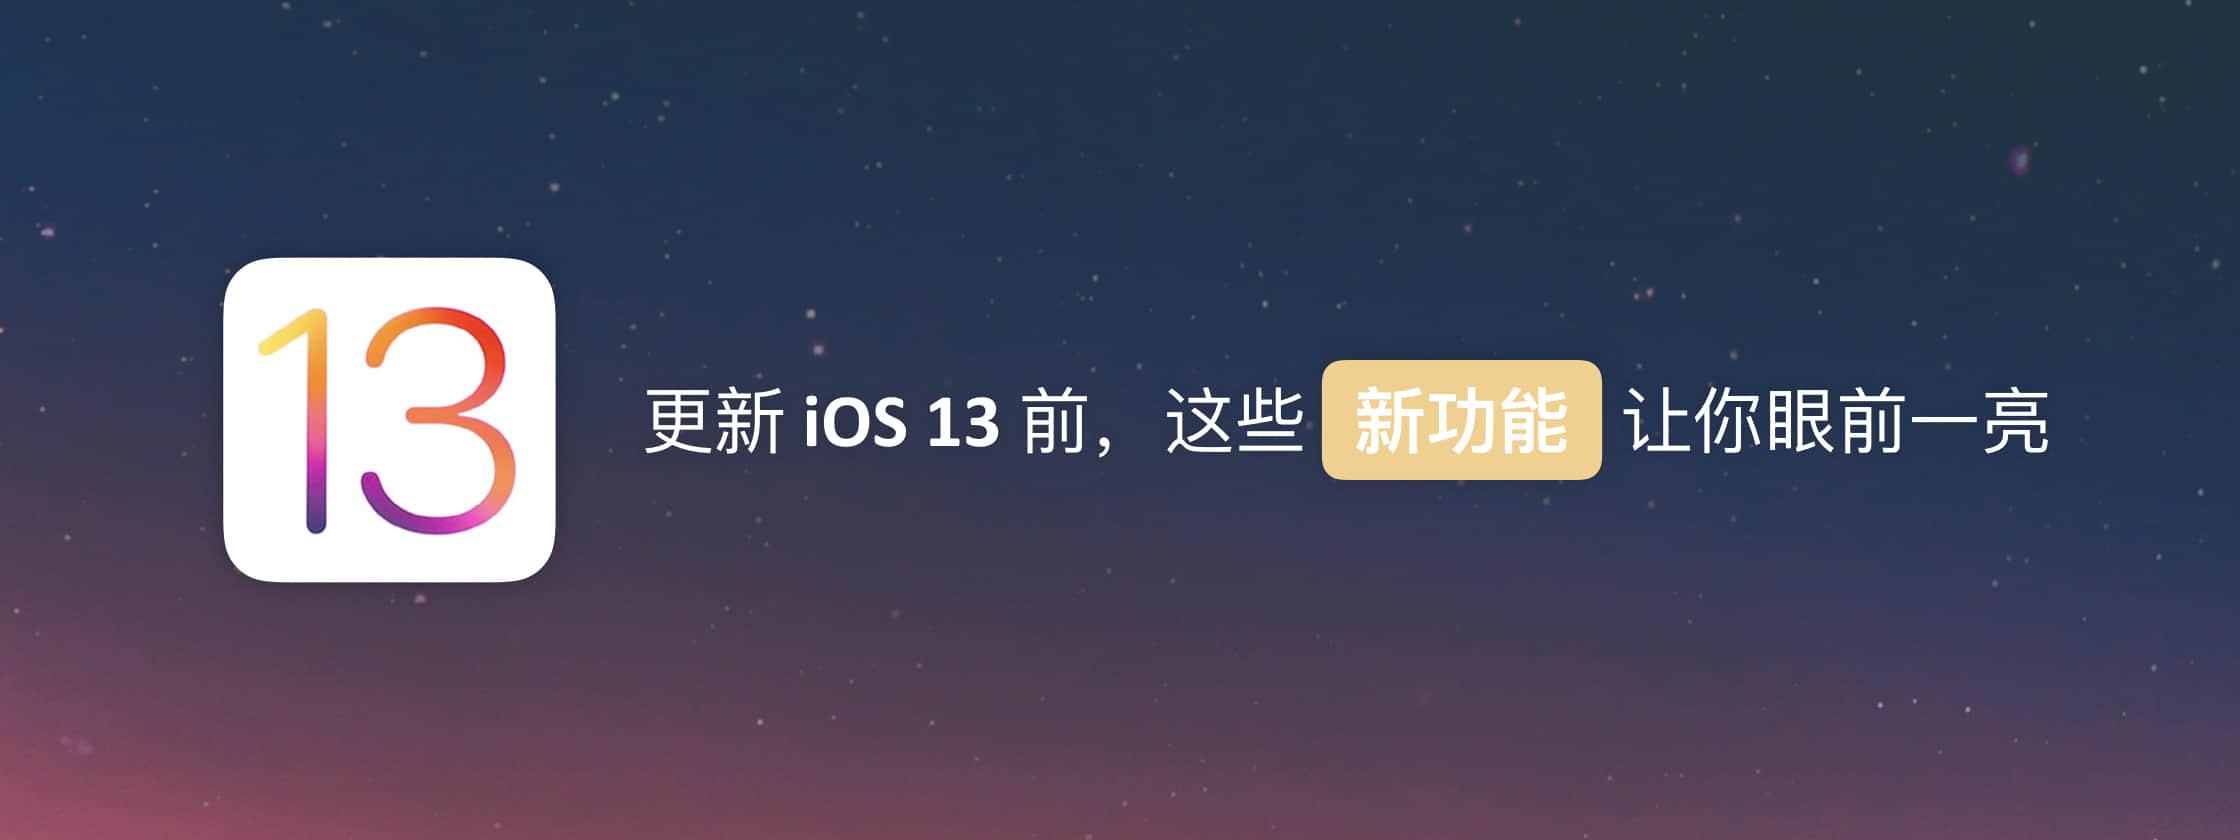 更新 iOS 13 前,这些新功能让你眼前一亮